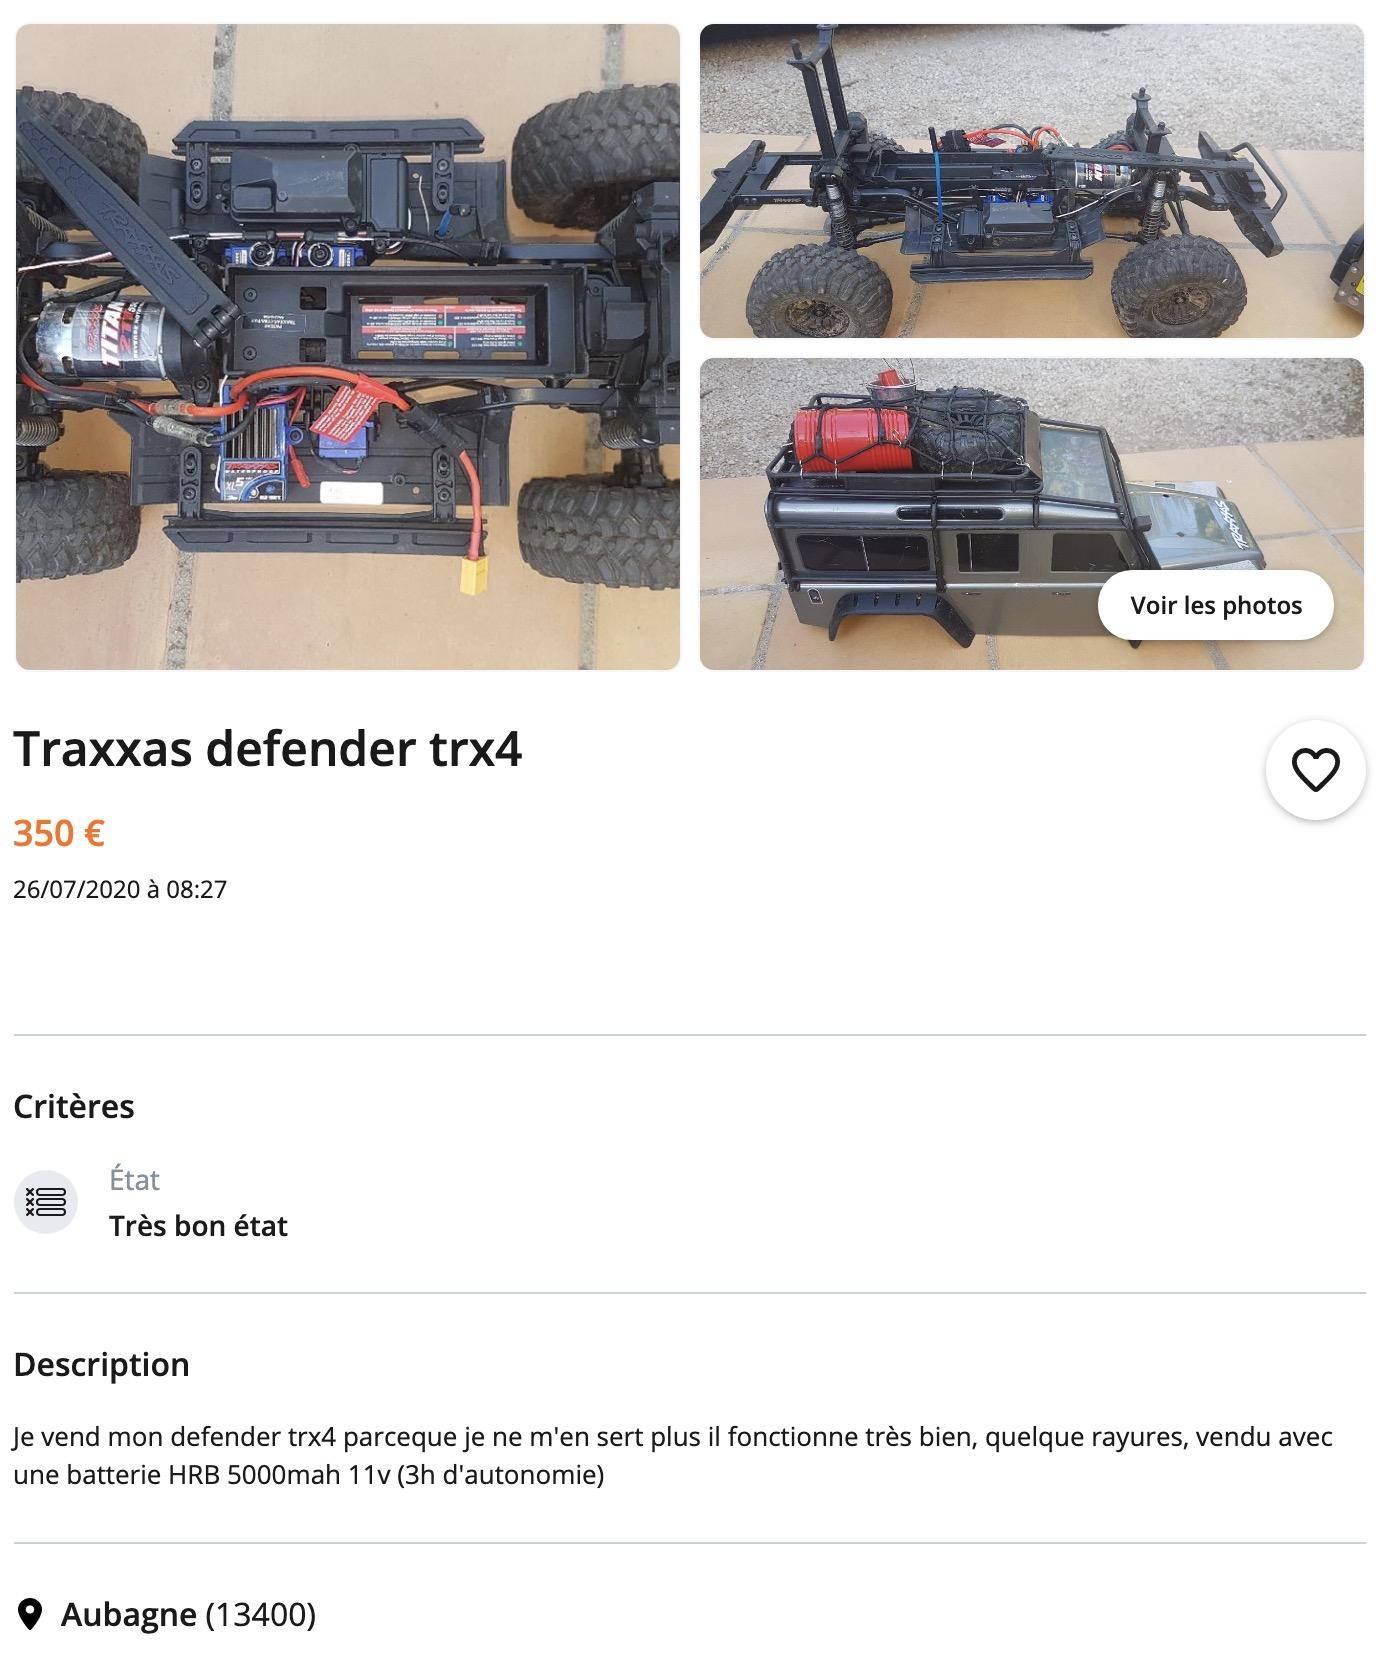 [LBC] TTRX4 Def. Captu160